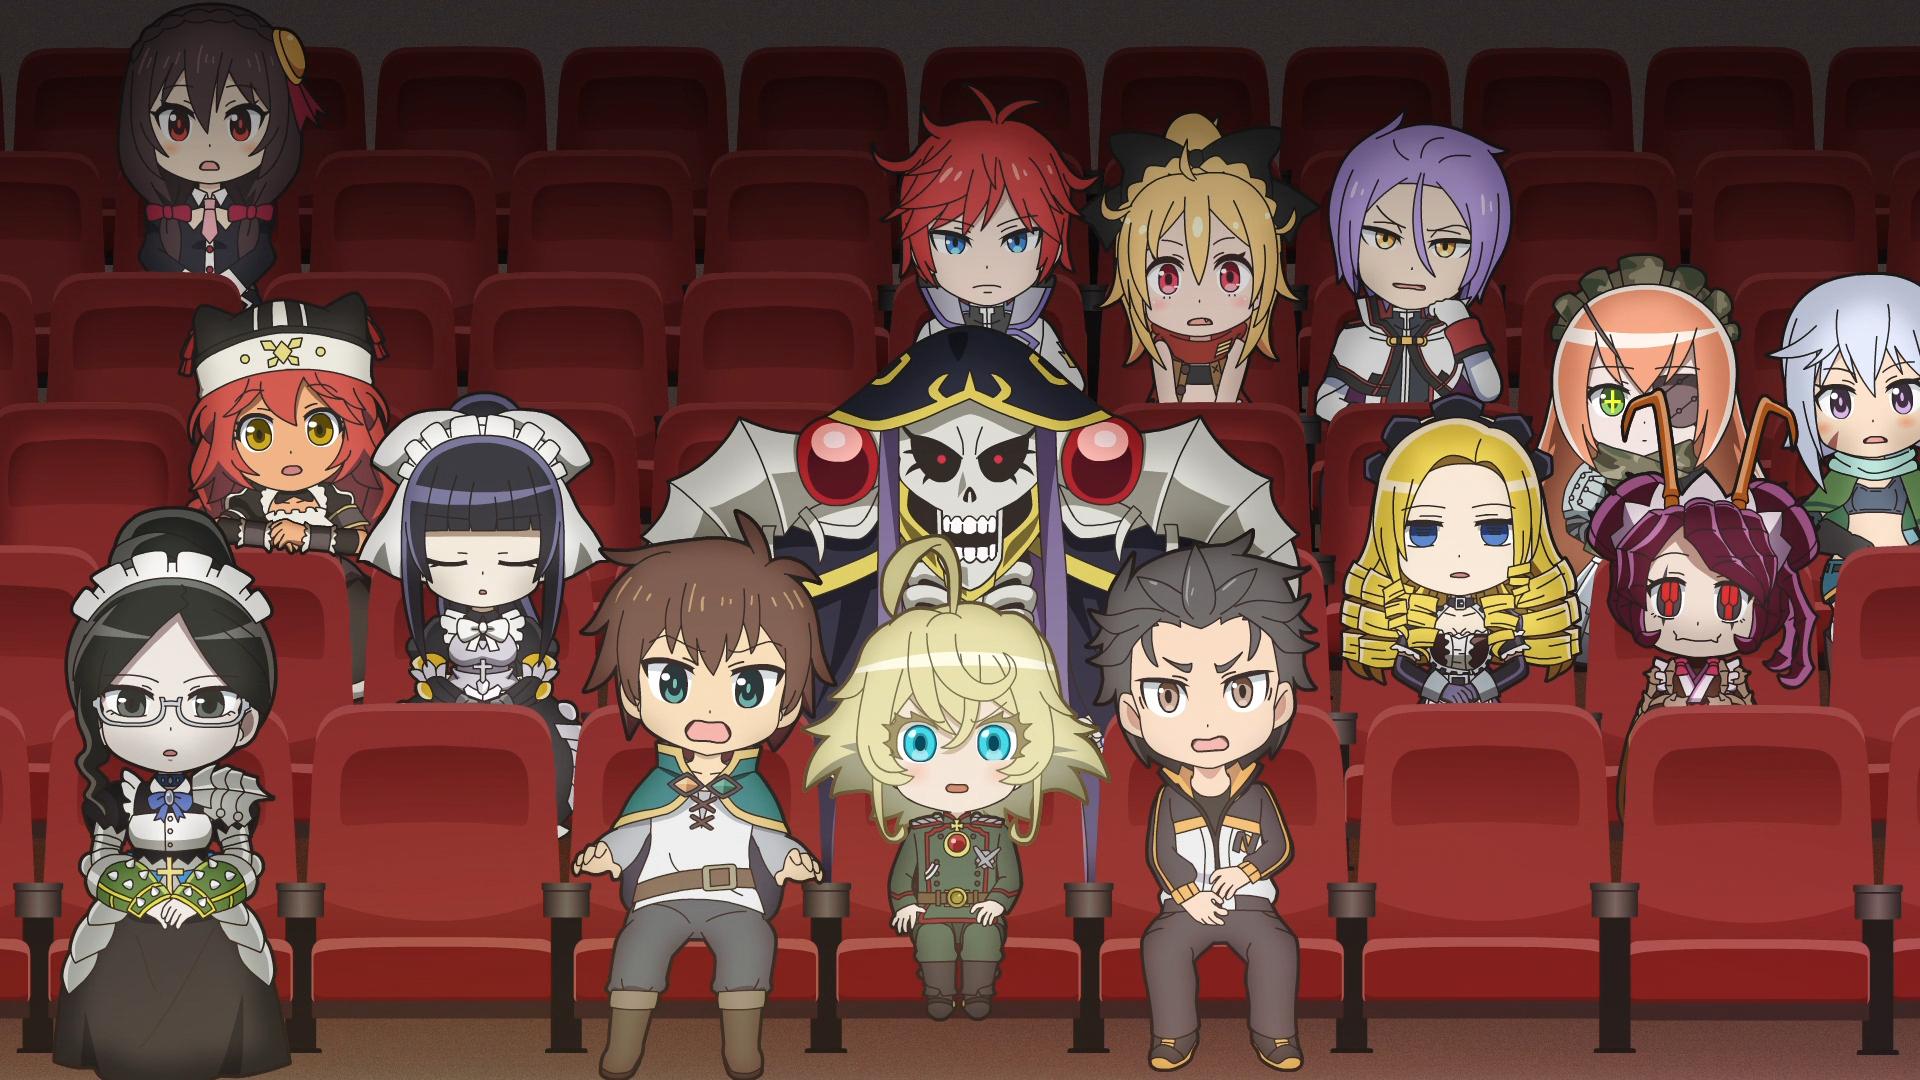 Los personajes de Overlord, Saga of Tanya the Evil, KONOSUBA -¡La bendición de Dios en este maravilloso mundo! Y Re: ZERO -Starting Life in Another World- llenan el auditorio de la escuela en una escena del anime de televisión Isekai Quartet.